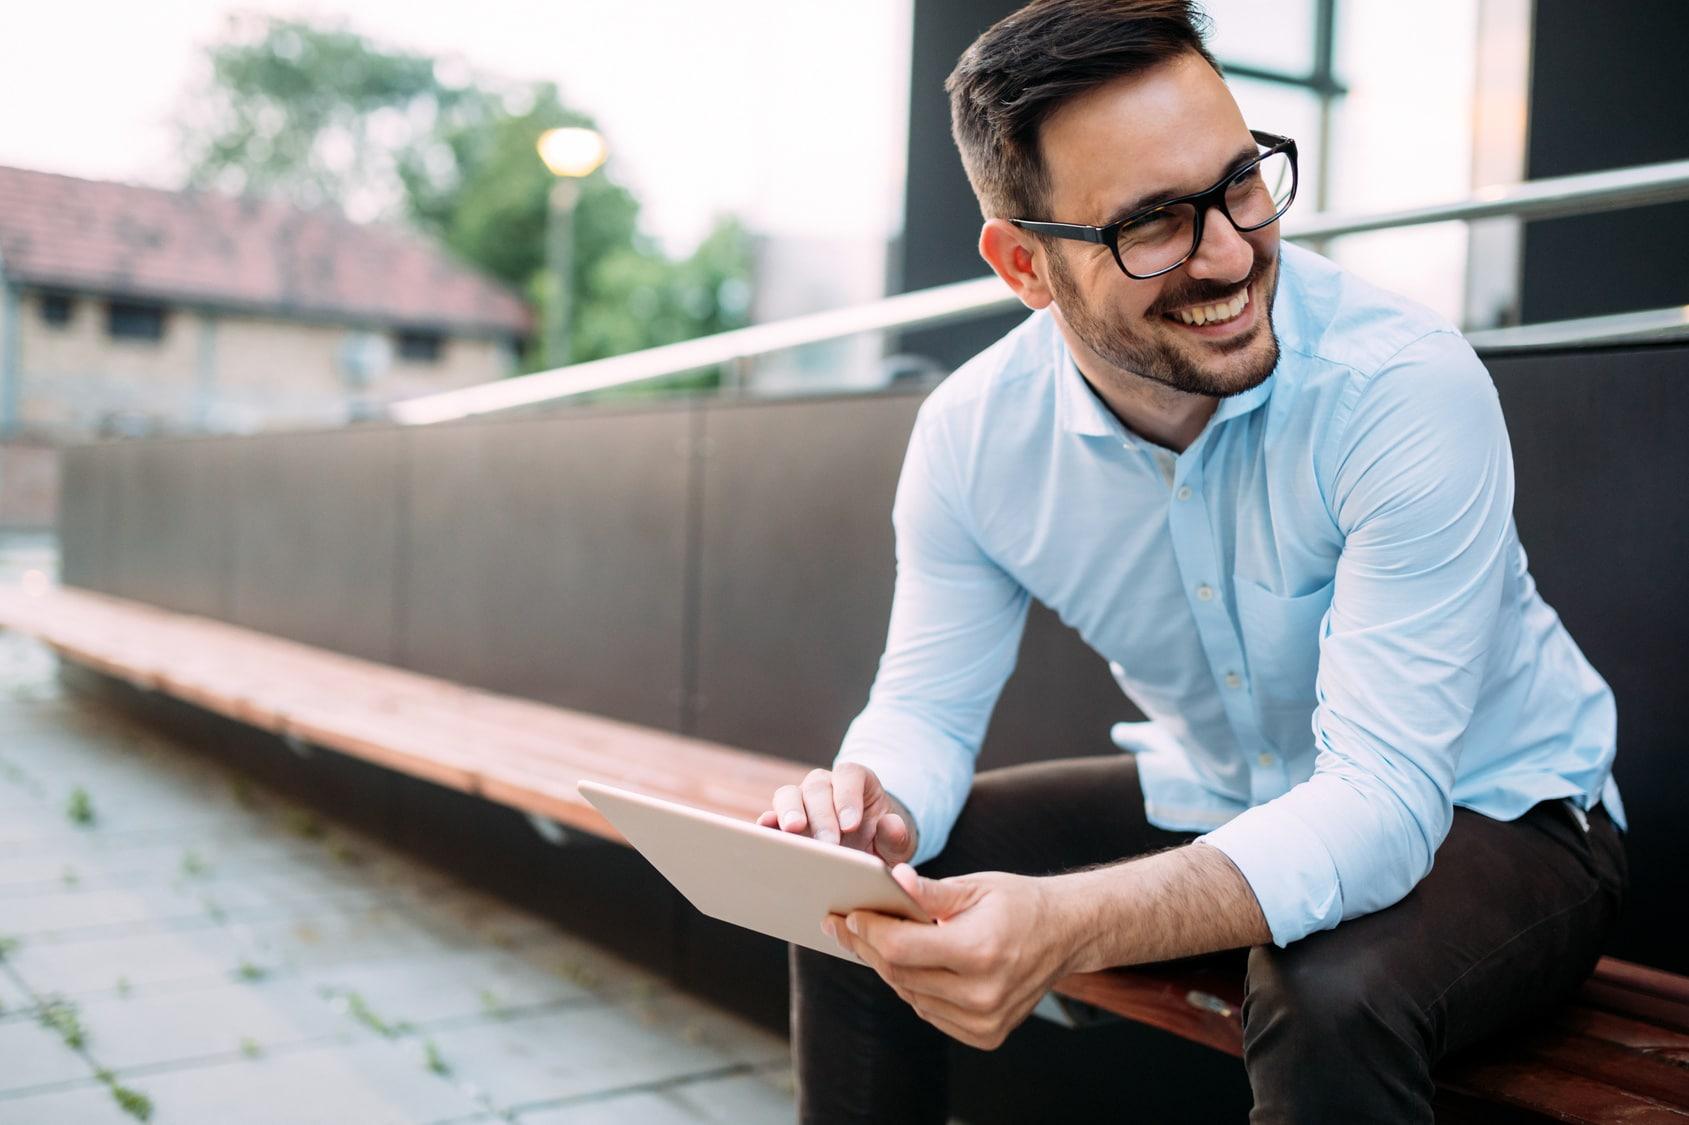 Ein junger Mann sitzt auf einer Bank an einer Universität mit einem Tablet. Er strahlt ein gutes Selbstbewusstsein durch seine Mimik aus. Er ist bekleidet mit einem hellblauen Hemd und einer schwarzen Lederhose. Er hat schwarze kurze Haare und trägt eine Brille mit schwarzen Rahmen.